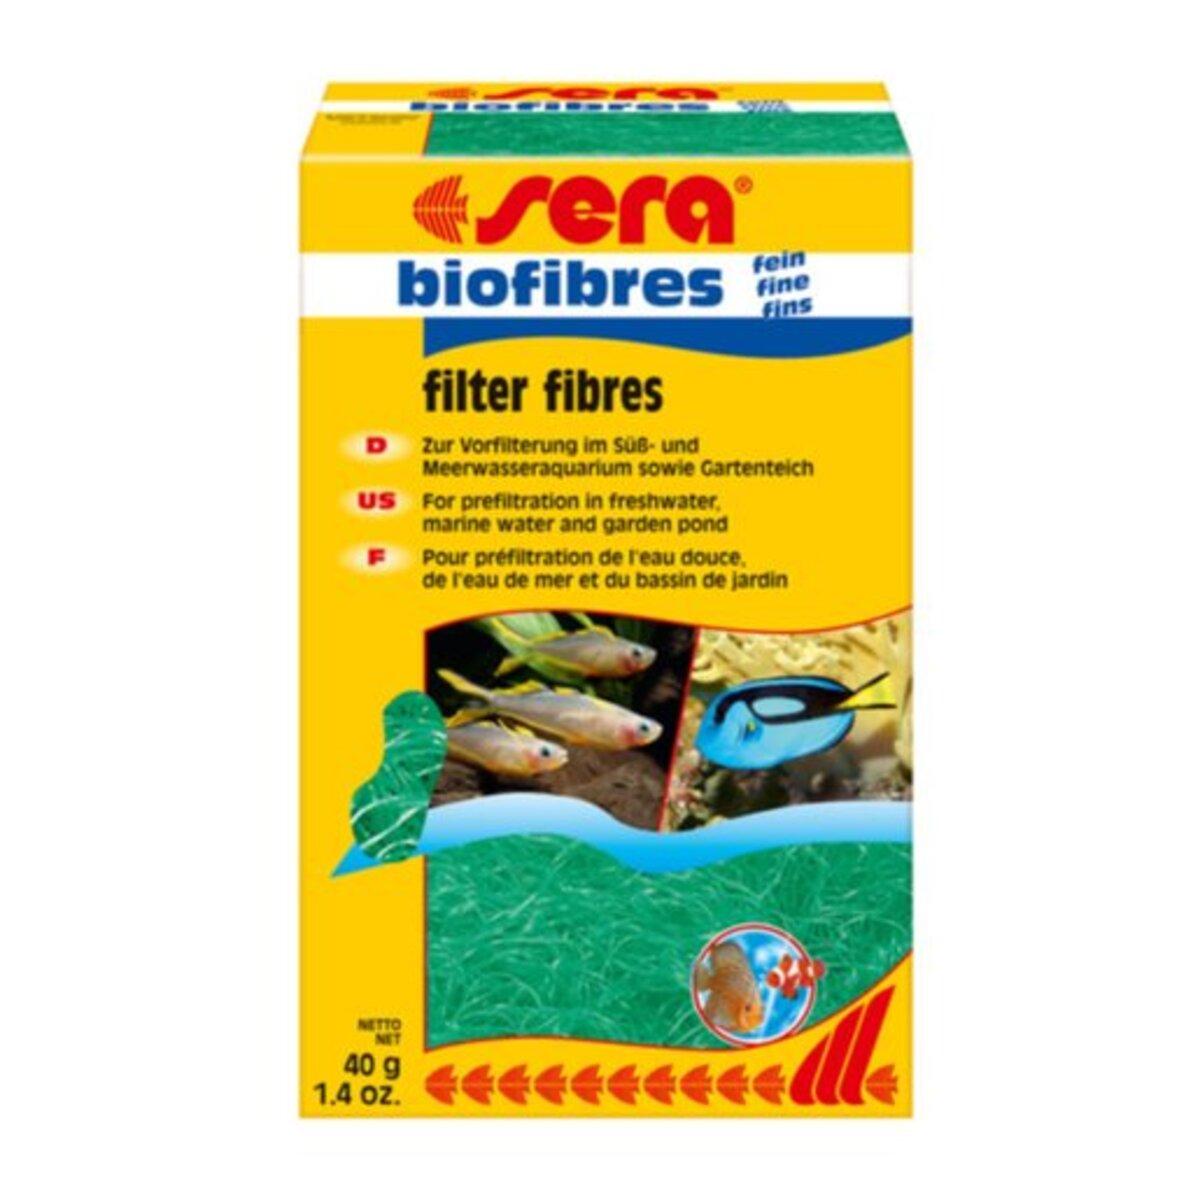 Bild 1 von sera biofibres 40g fein